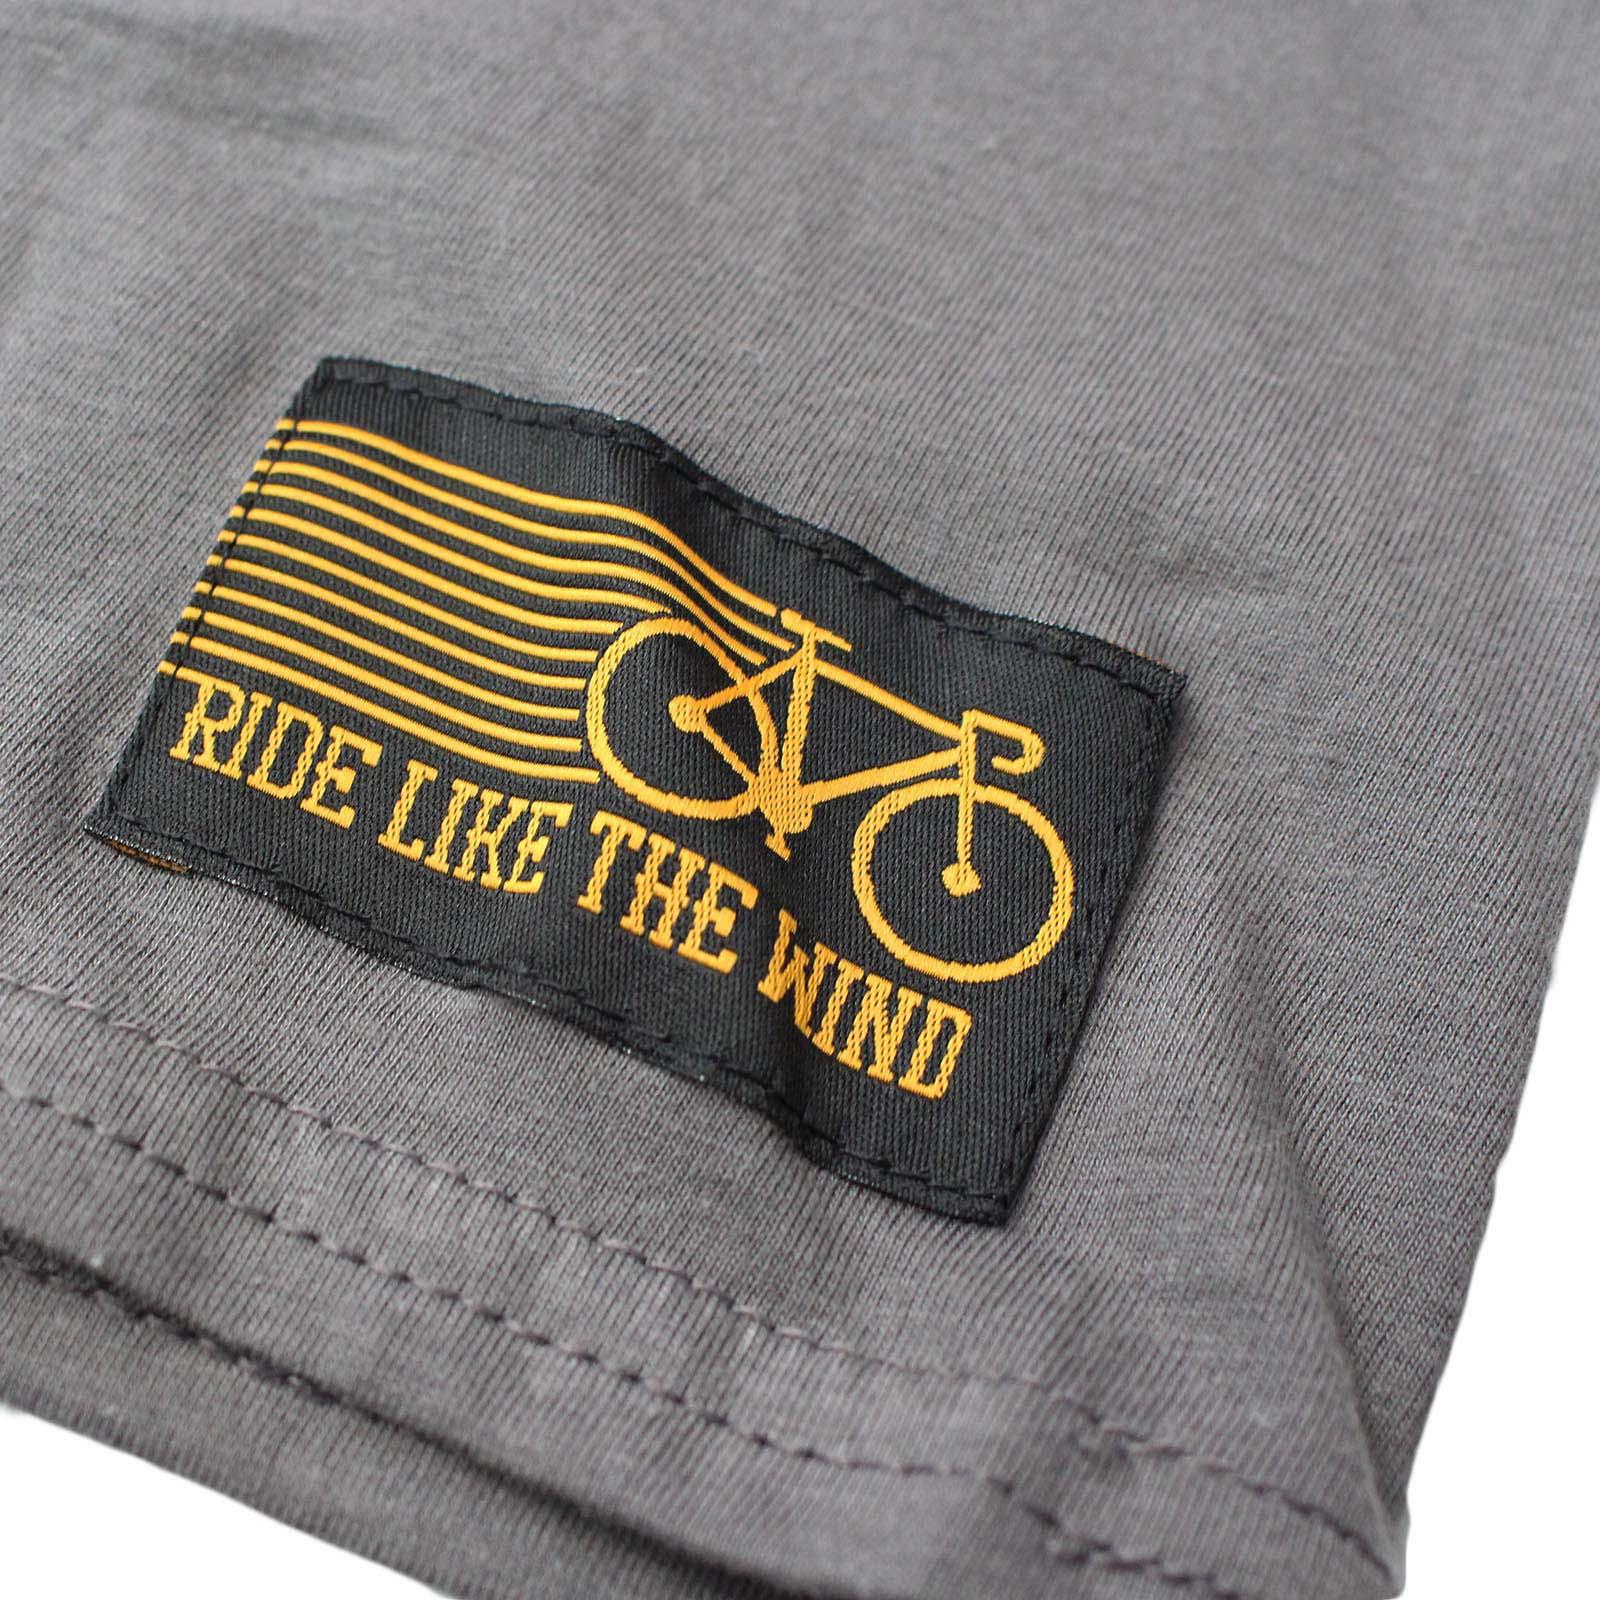 FB-Cycling-Tee-Ocd-Cycling-Novelty-Birthday-Christmas-Gift-Mens-T-Shirt thumbnail 10